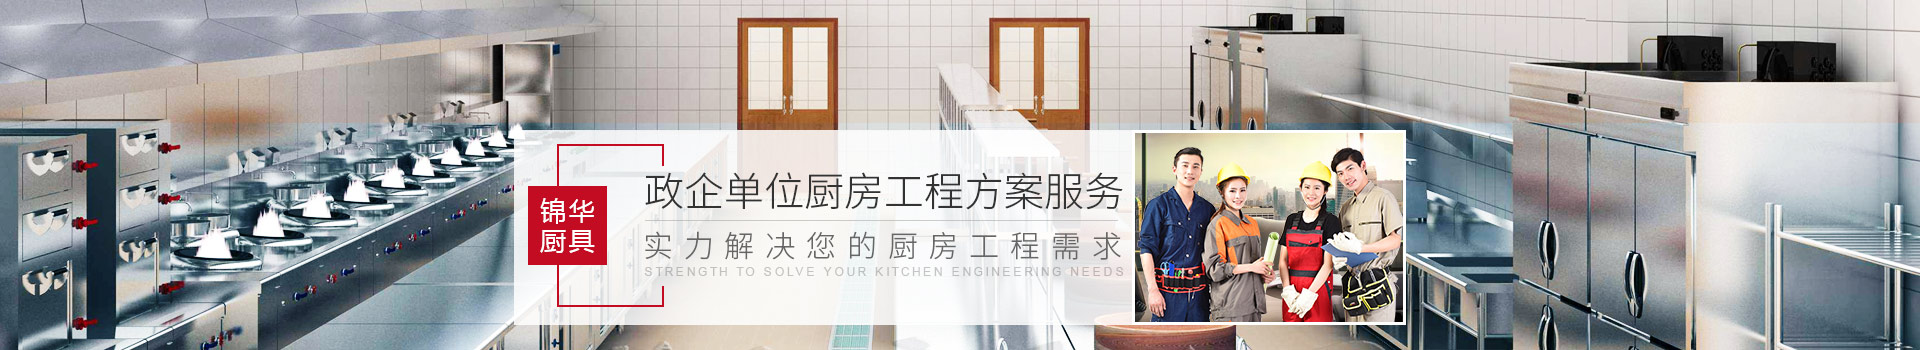 锦华厨具-政企单位厨房工程方案服务,实力解决您的厨房工程需求